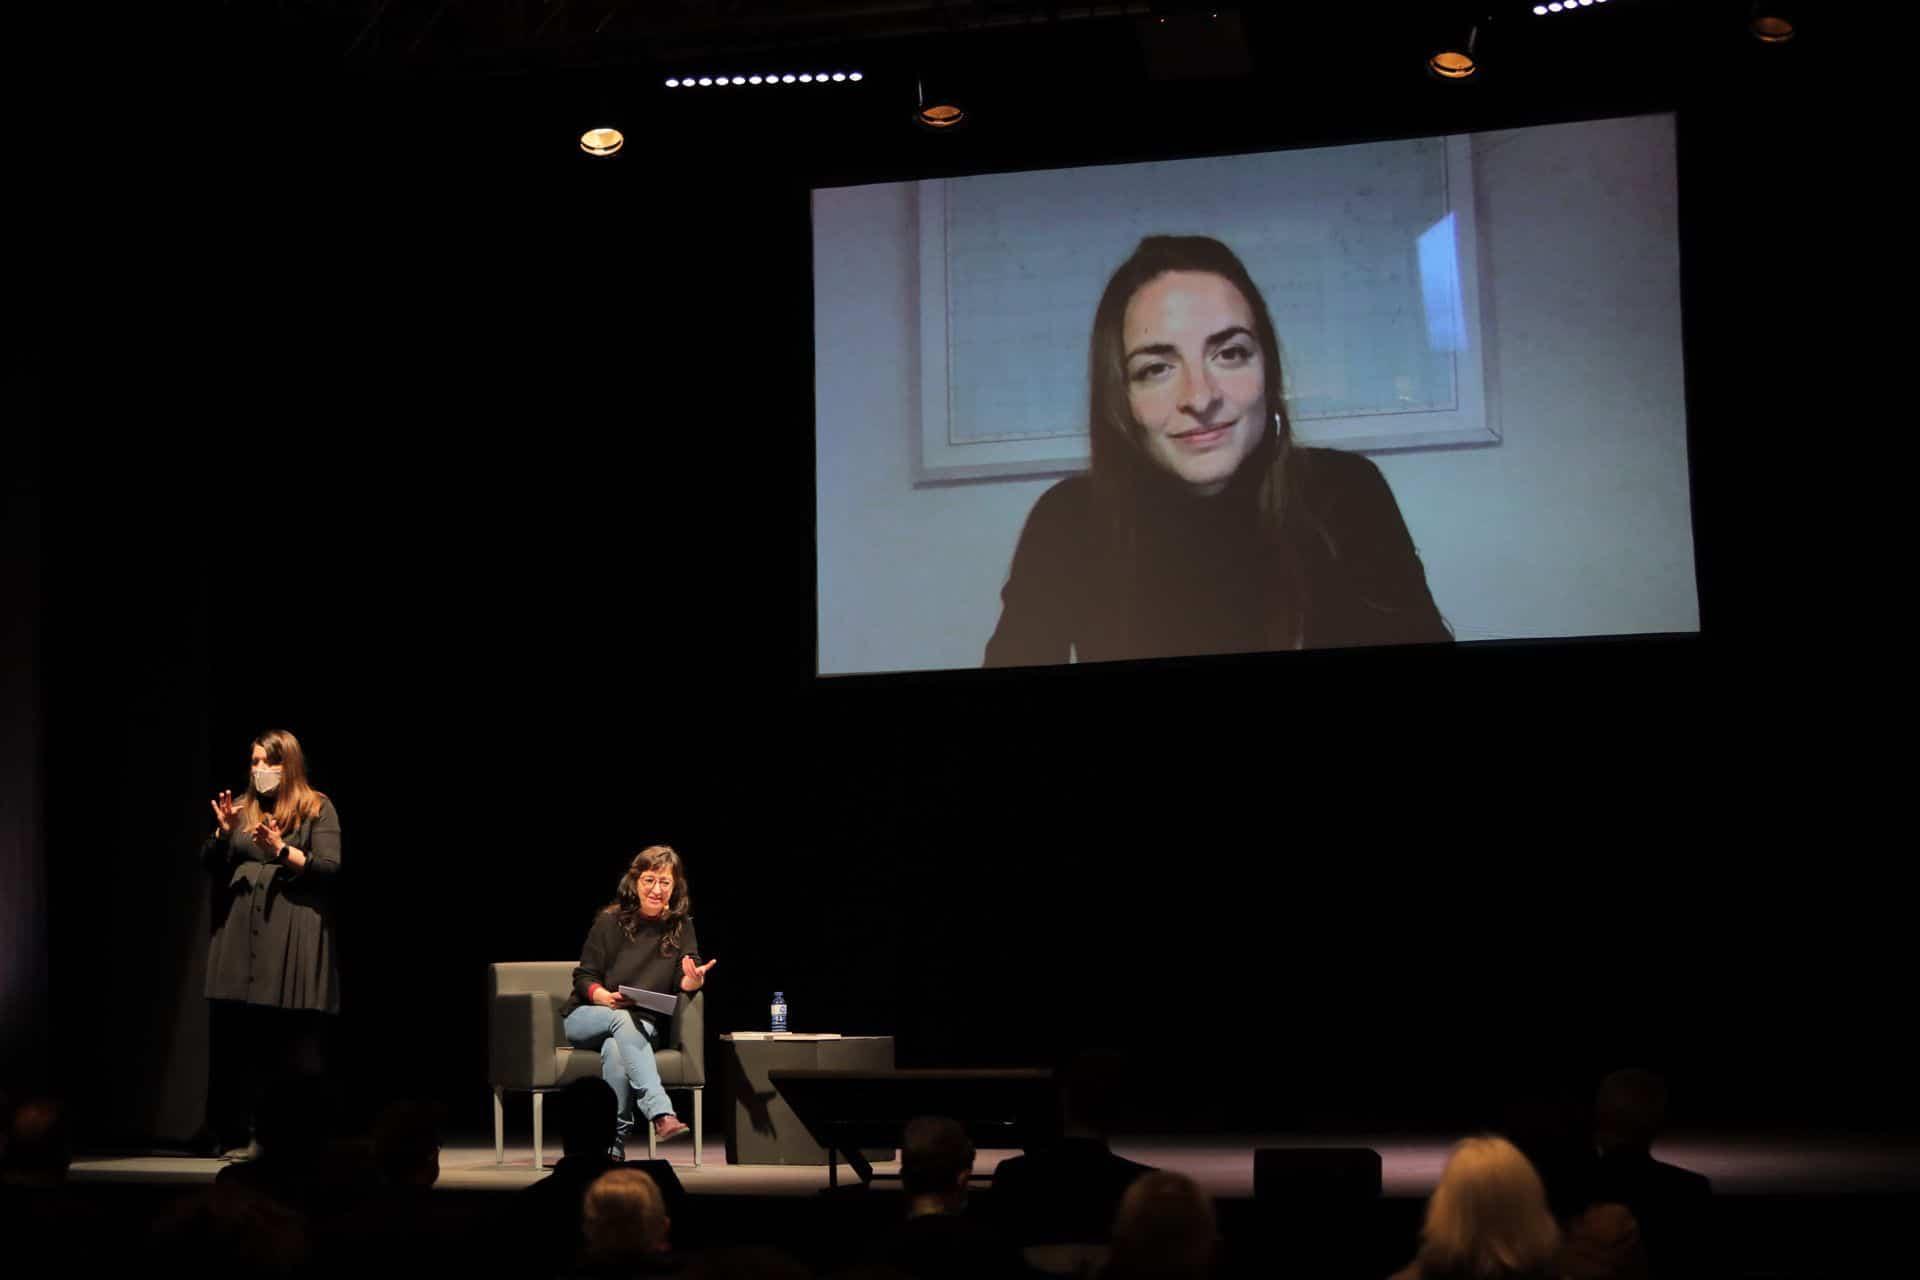 Conversa entre Eva Vàzquez i Irene Solà, al MOT 2021. Foto: Martí Albesa